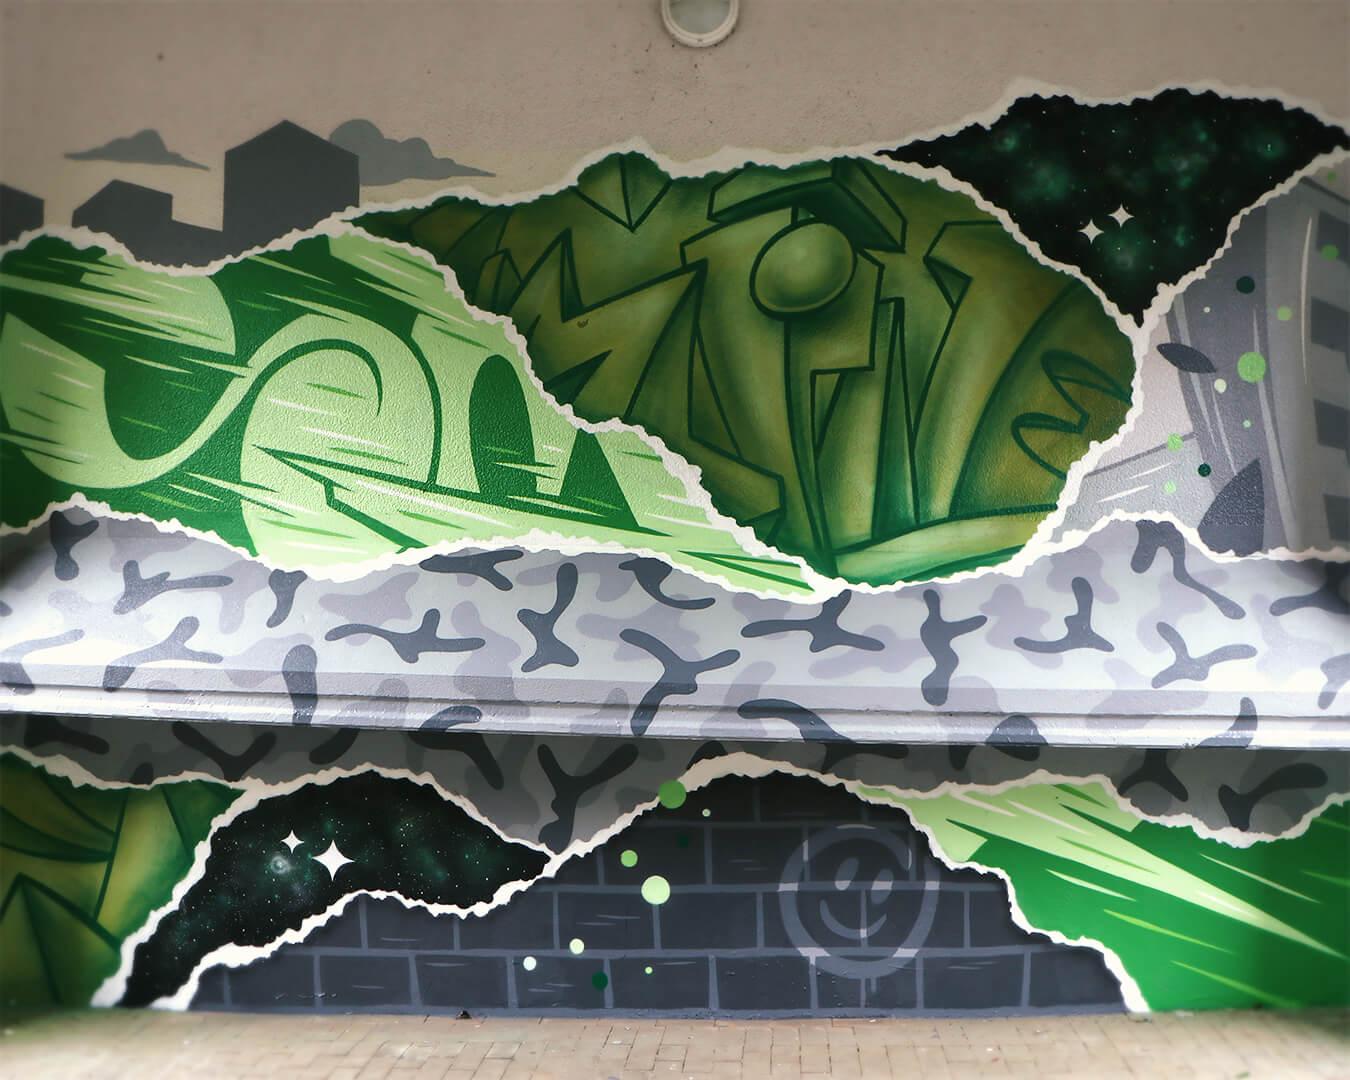 """Graffiti Hausdurchgang """"Stadt und Land"""" Berlin Hellersdorf grüne Typografie mit grauem Muster 1"""